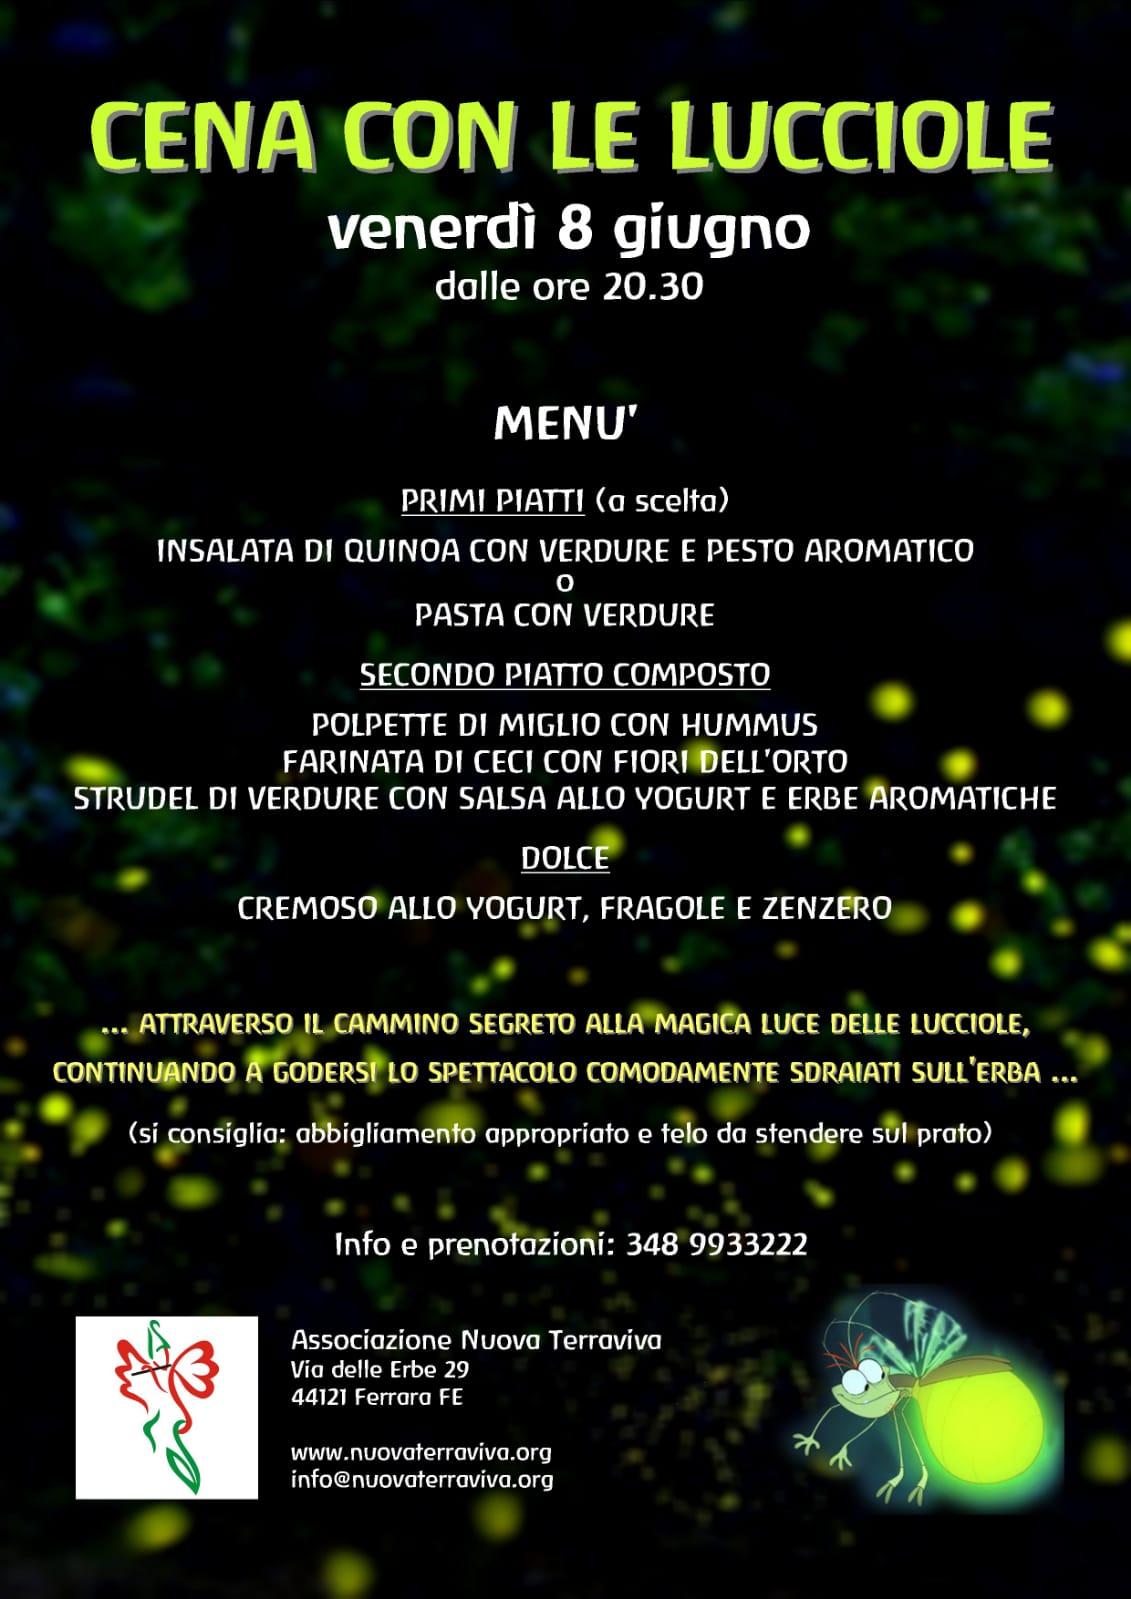 Cena con le lucciole @ Associazione Nuova Terraviva | Ferrara | Emilia-Romagna | Italia